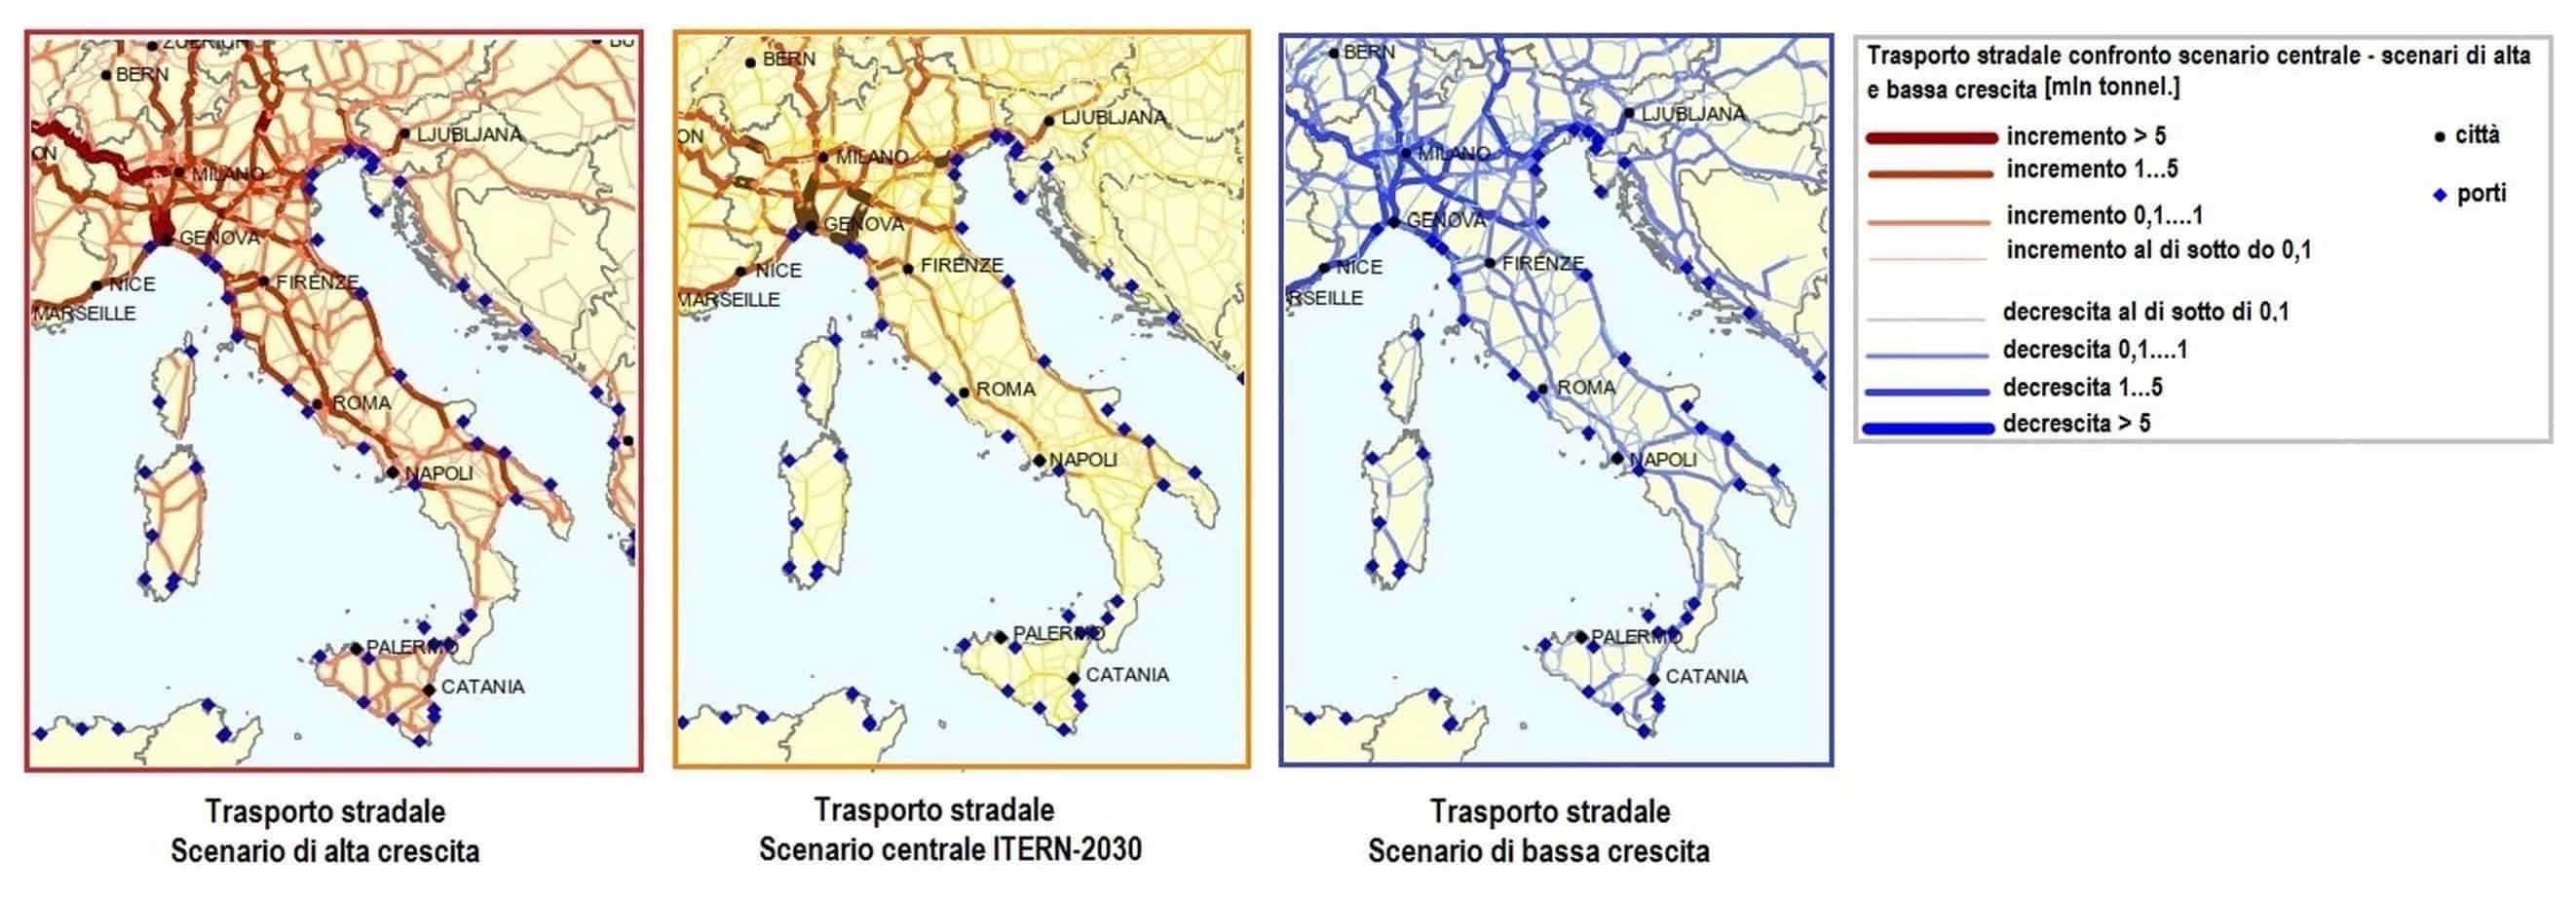 Il confronto tra lo scenario base e gli scenari di alta e bassa crescita economica (trasporto stradale)